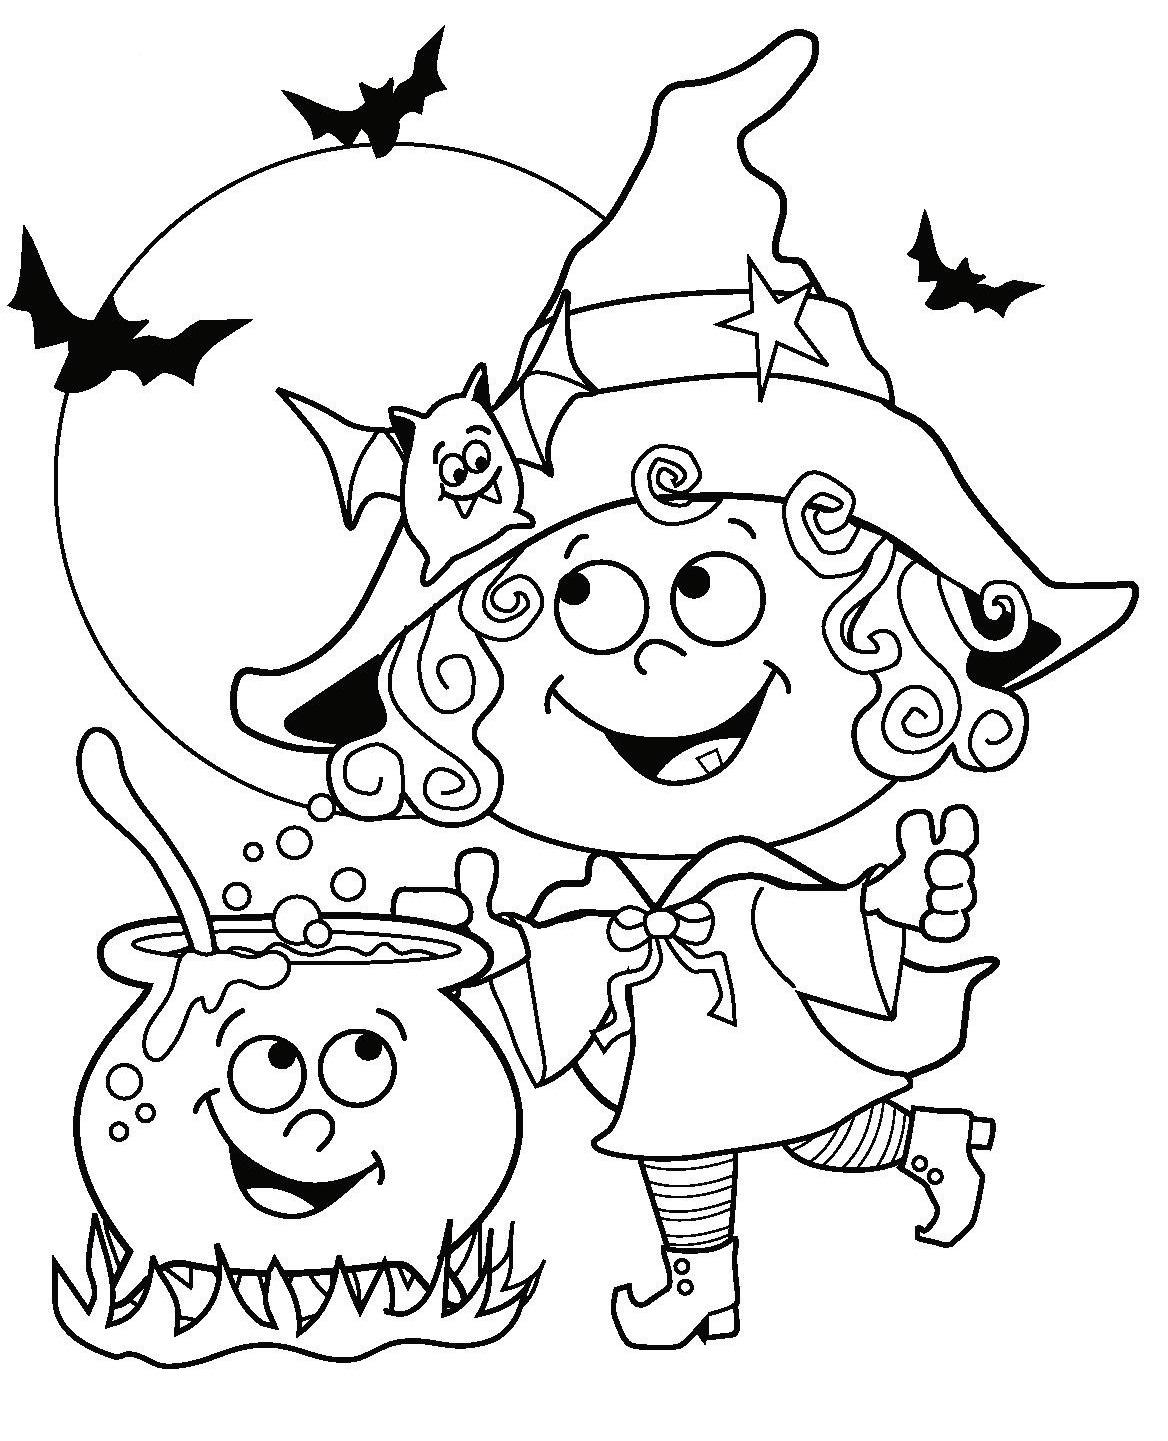 Ведьма возле котелка зелья и летучая мышь Раскраски для мальчиков